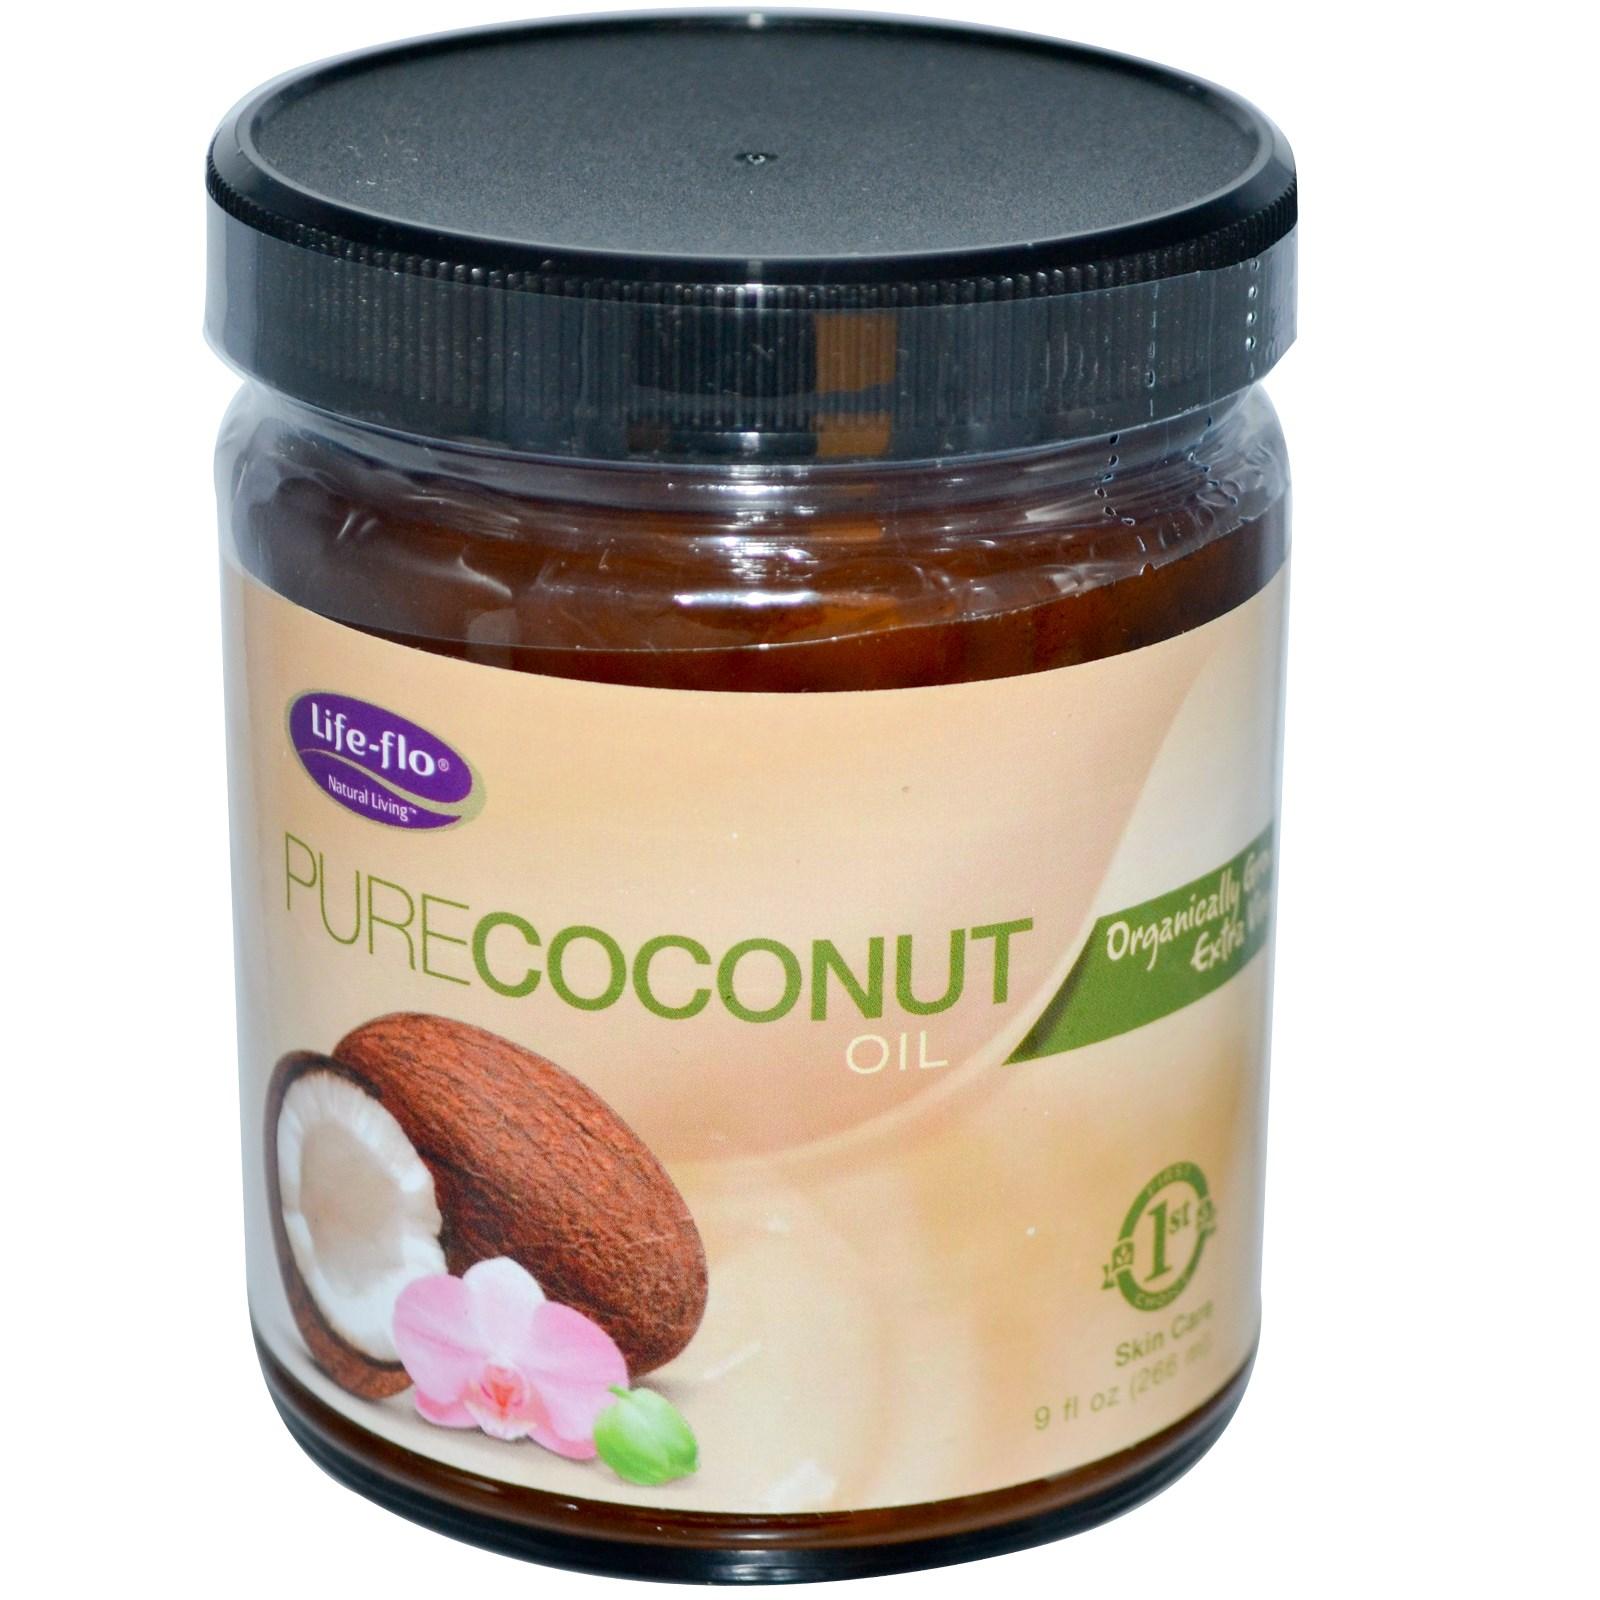 Life Flo Health, Organic, чистое кокосовое масло, уход за кожей, 9 жидких унций (266 мл)